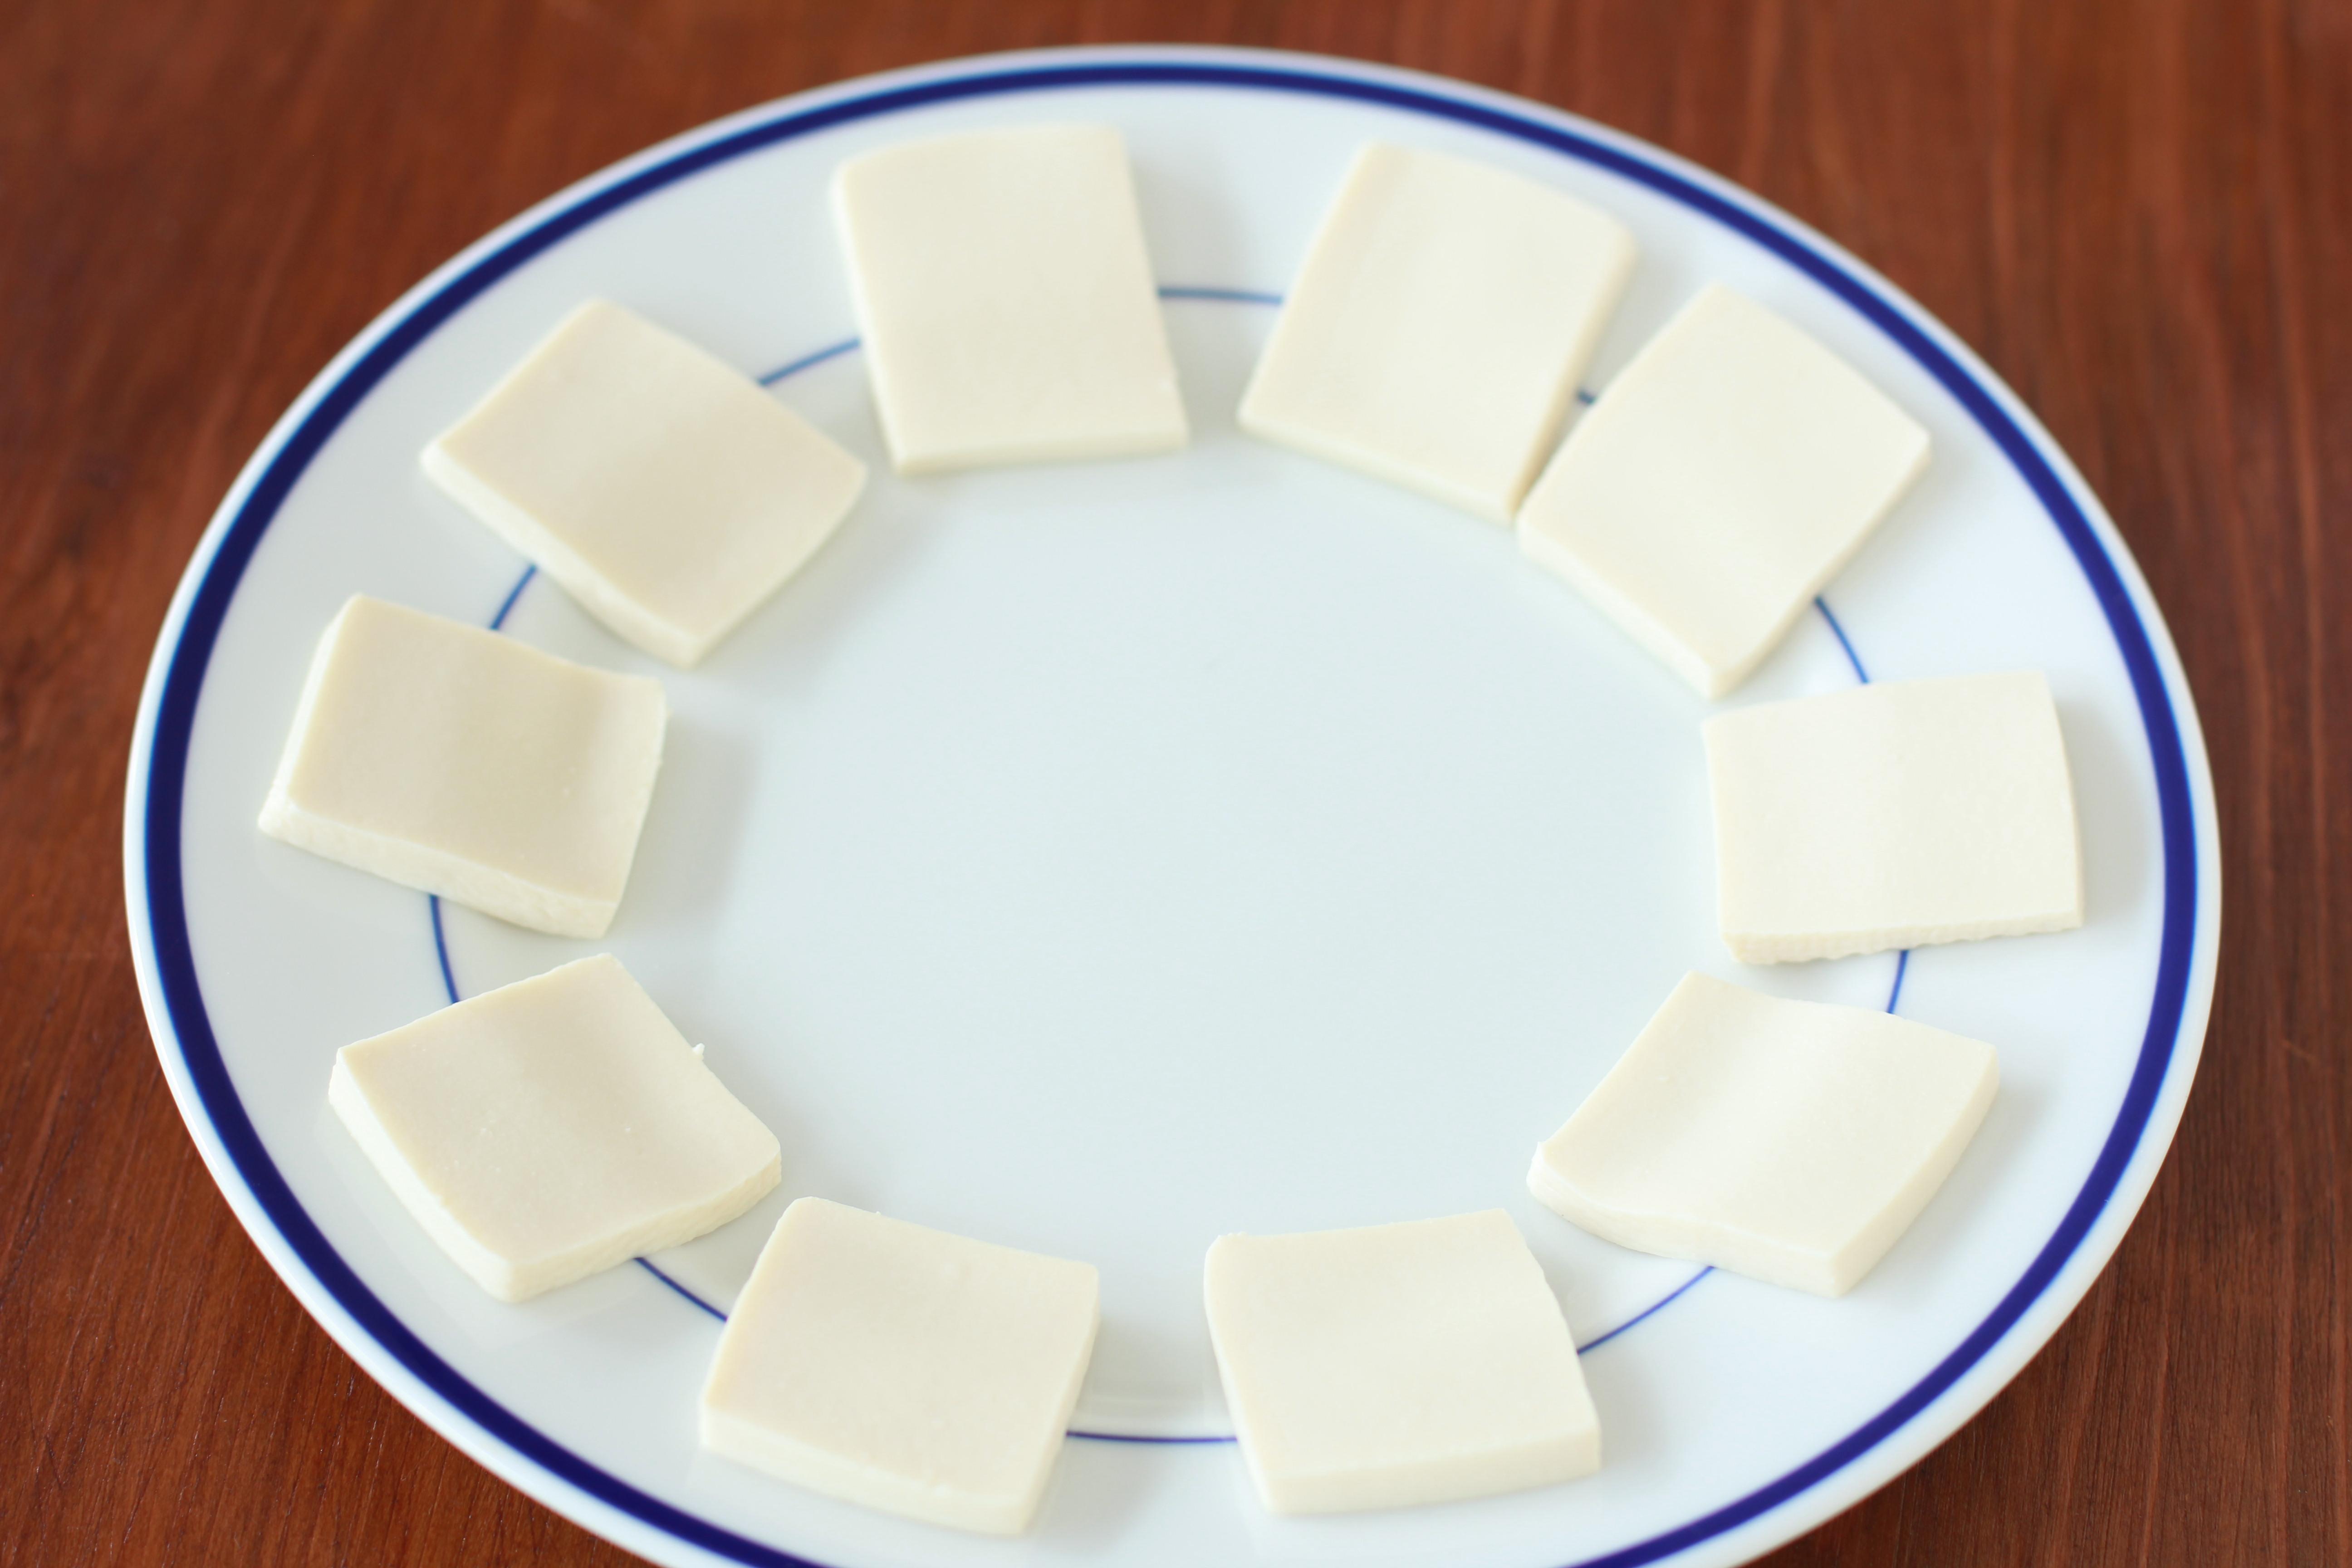 チンするだけ。おやつに低糖質な「豆腐クラッカー」はいかが?